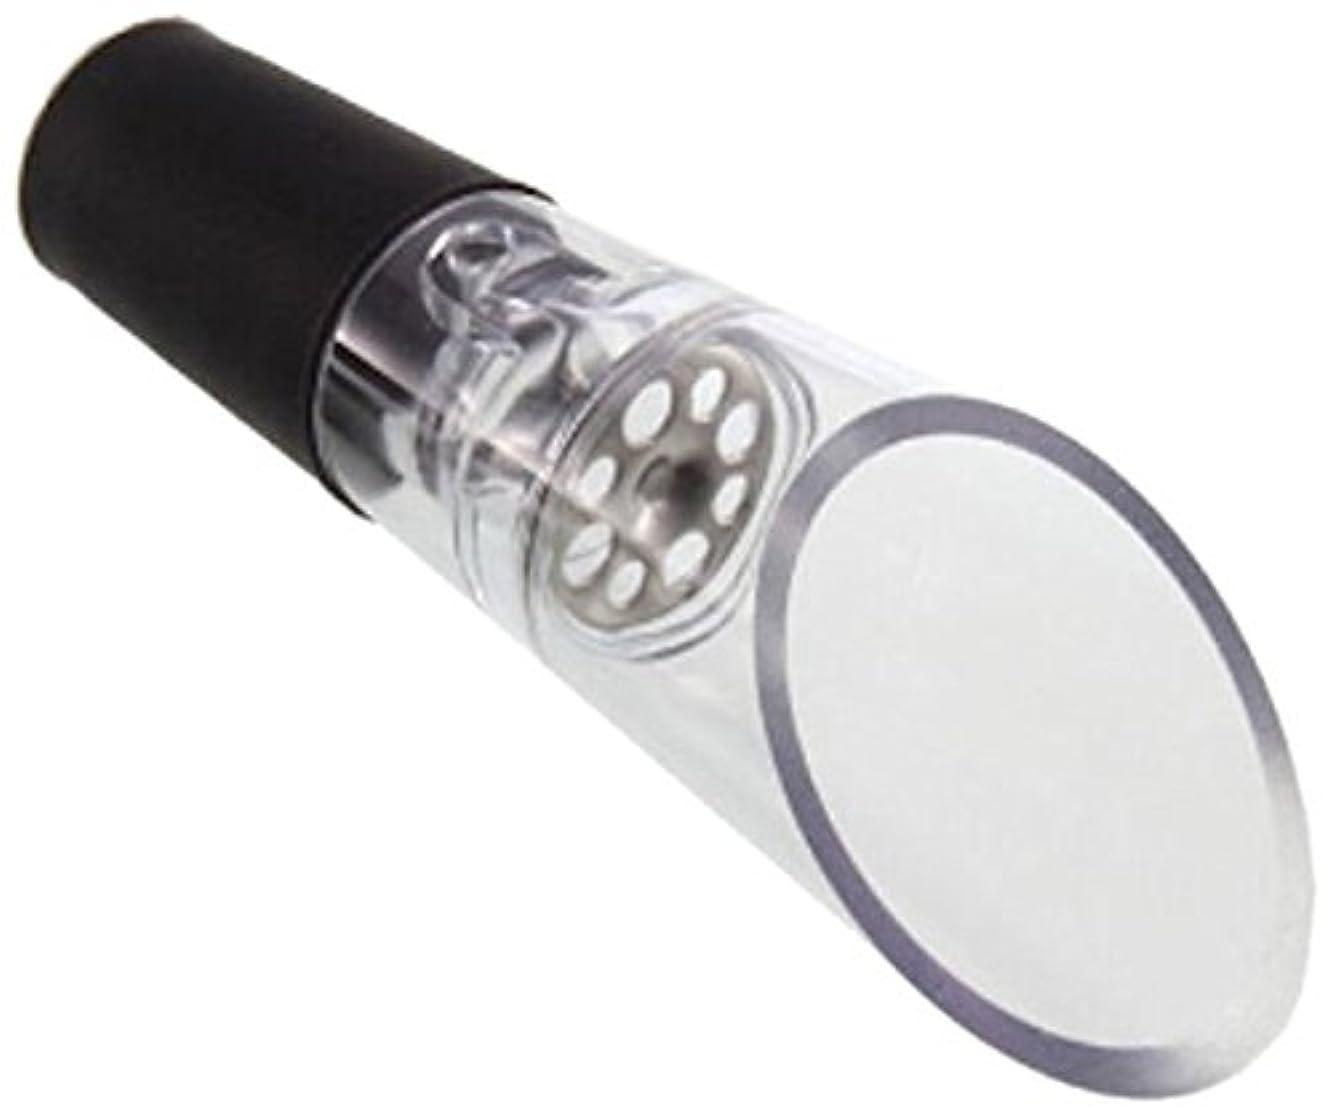 チェスを必要としています叫び声Wine Aerator by iPour Diffuser Pourer Decanter Wine Gifts For Women Gift Black